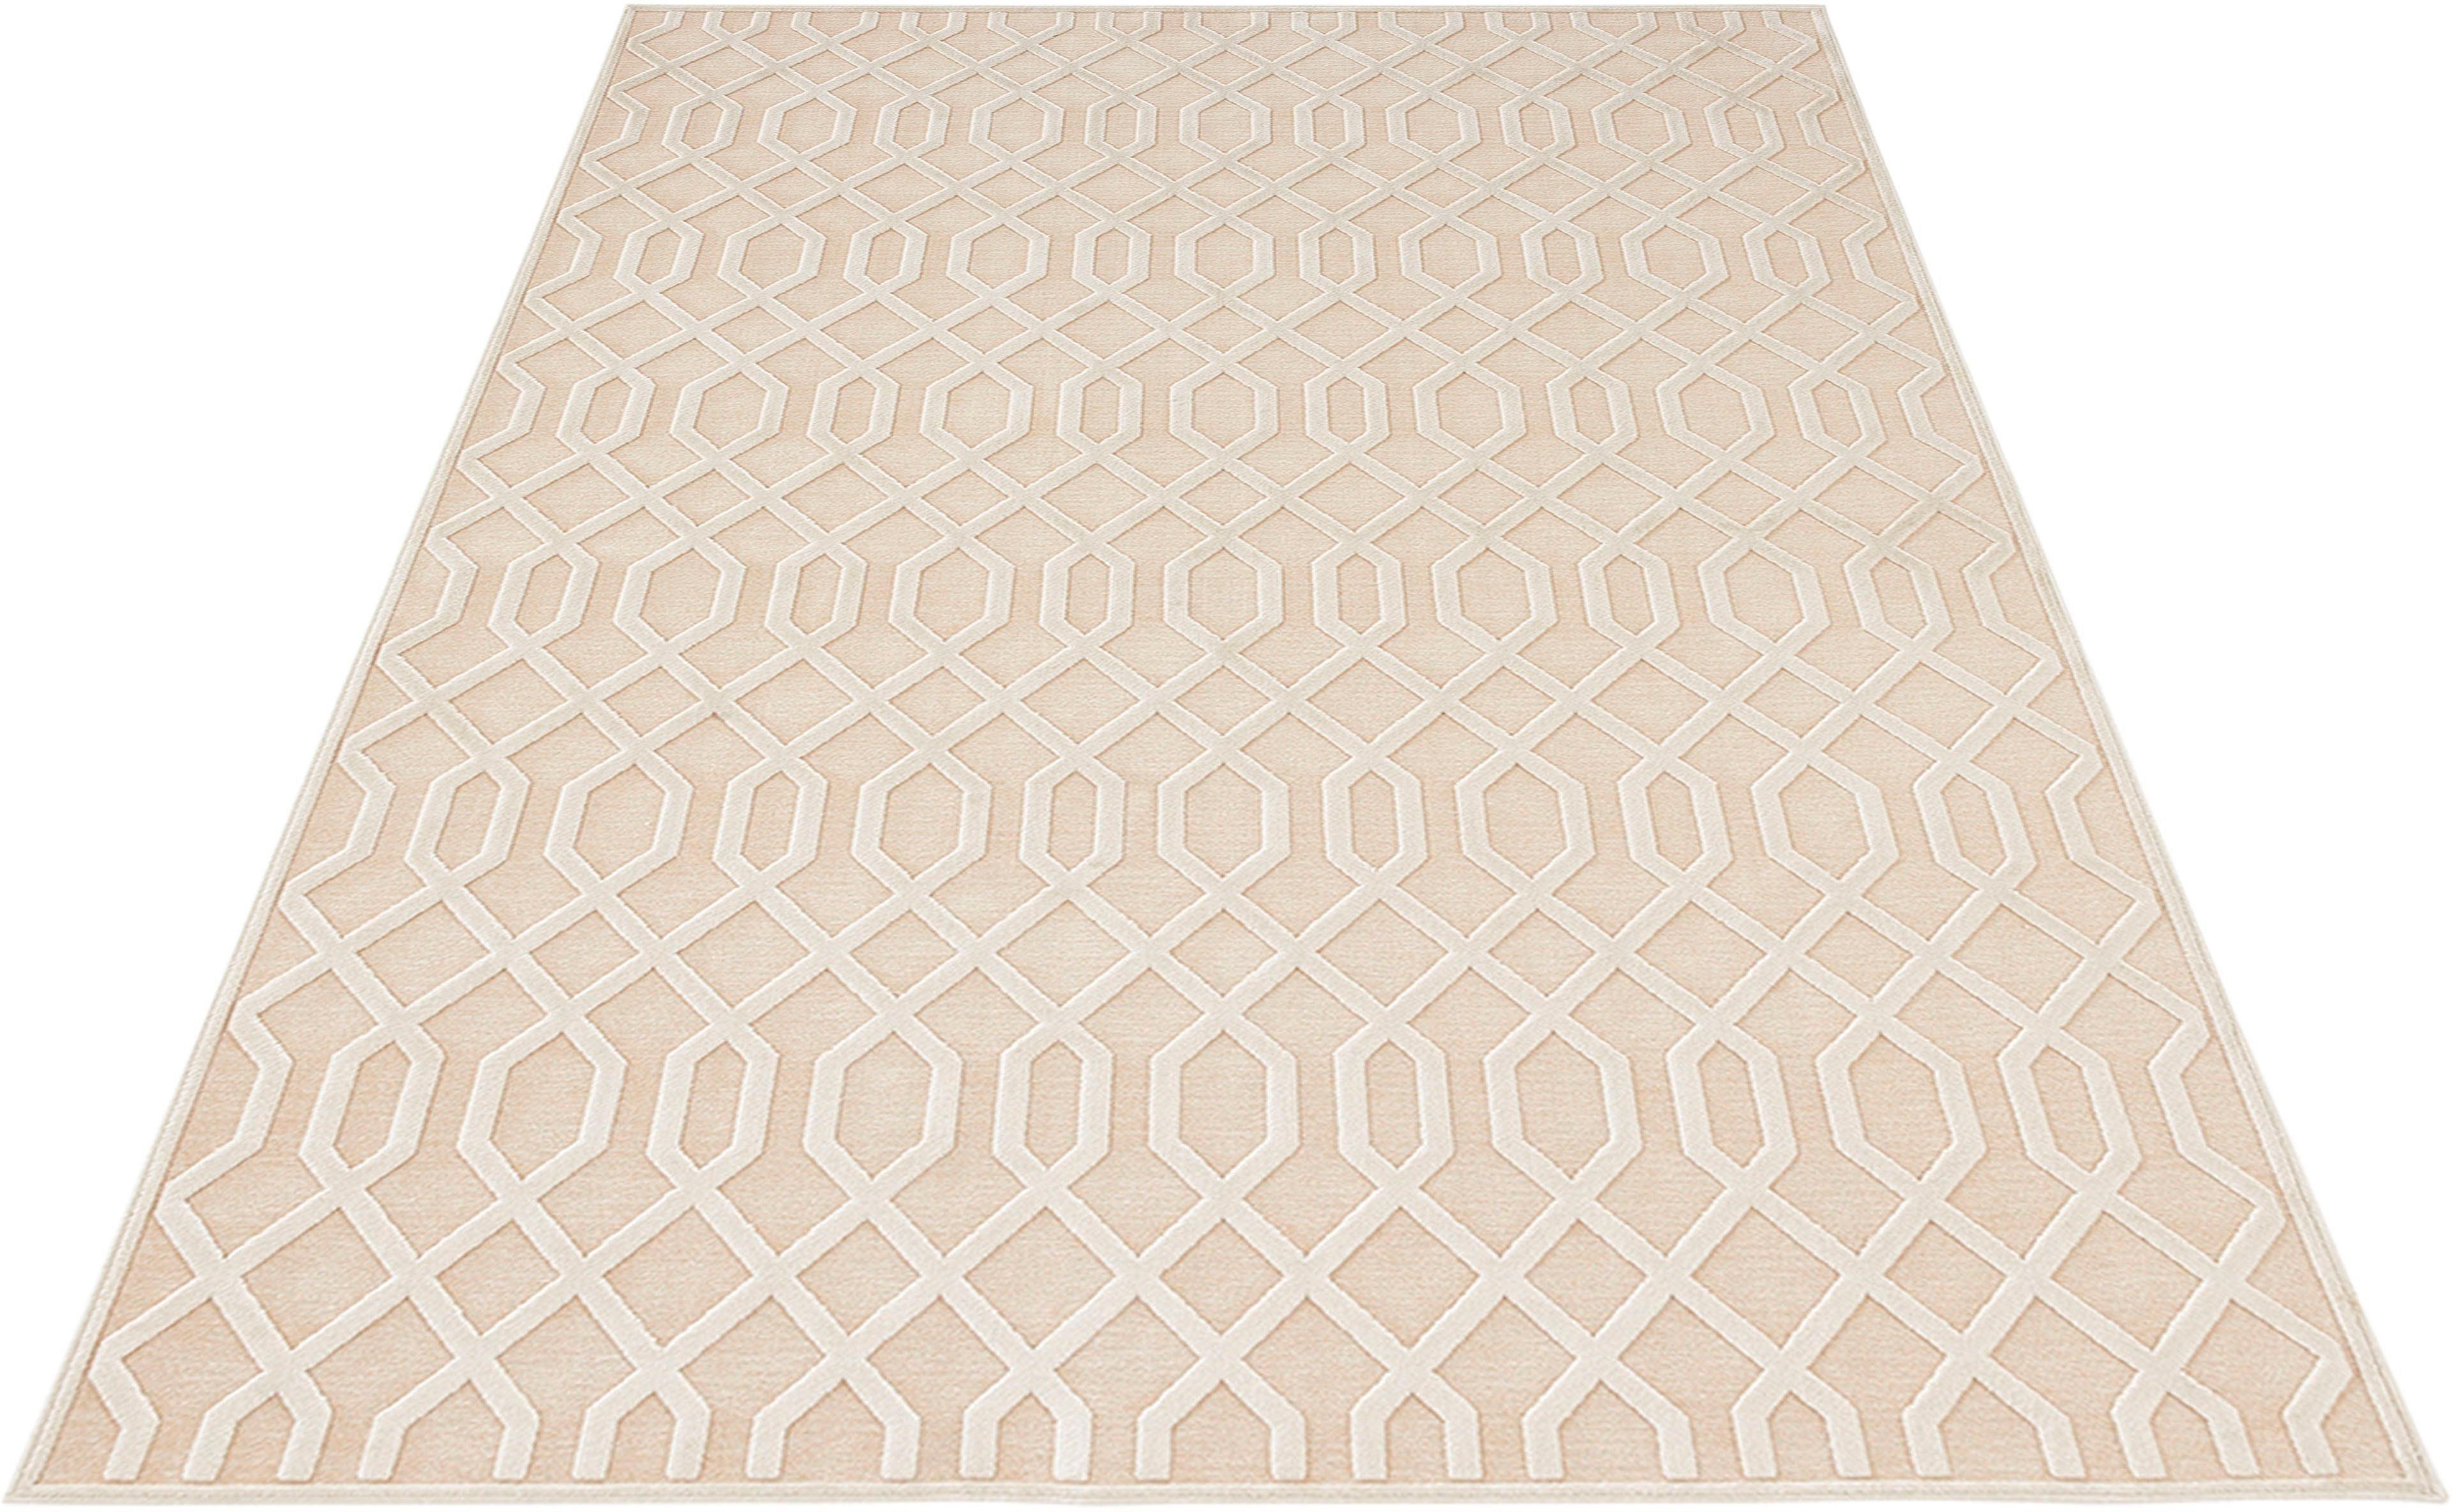 Teppich Caine MINT RUGS rechteckig Höhe 4 mm maschinell gewebt